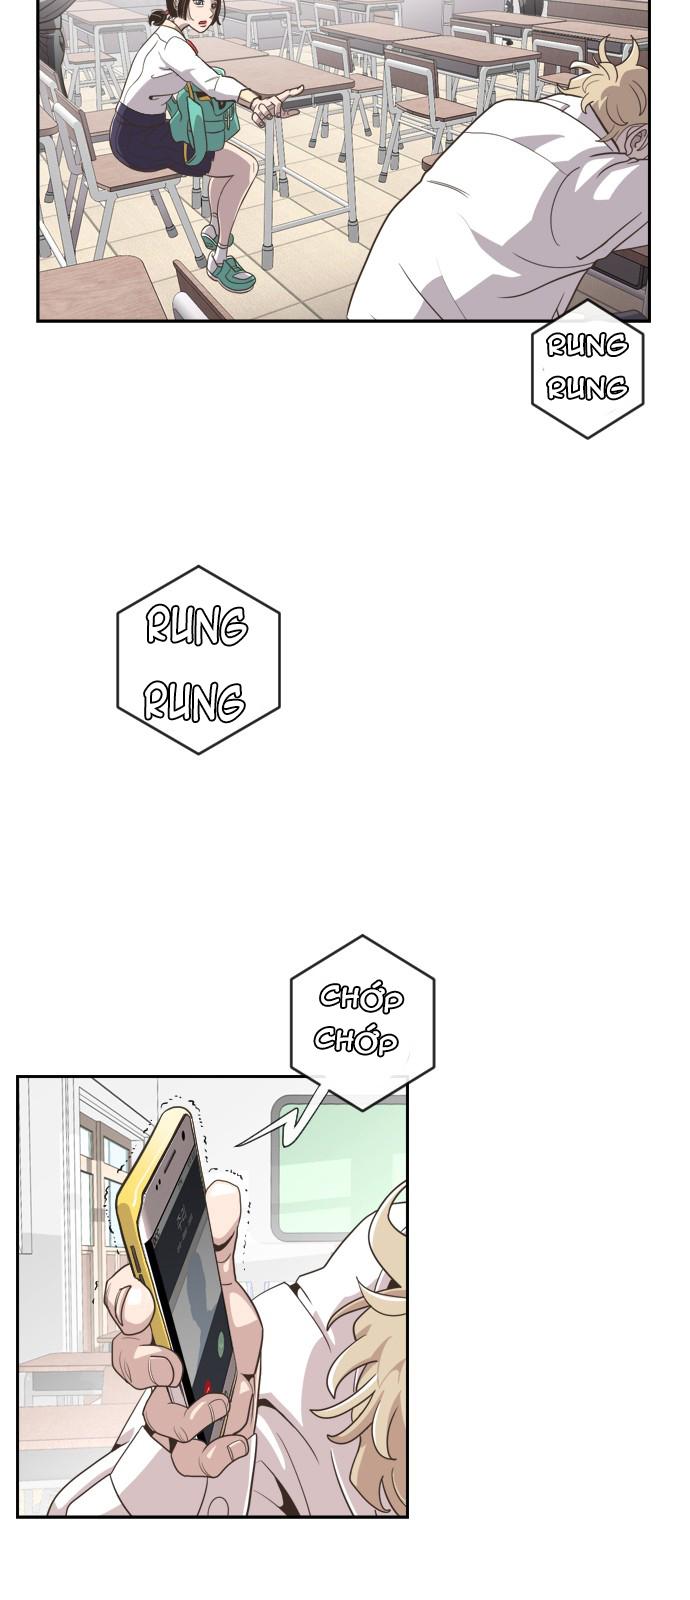 Kĩ Nguyên Của Anh Hùng chap 2 - Trang 27